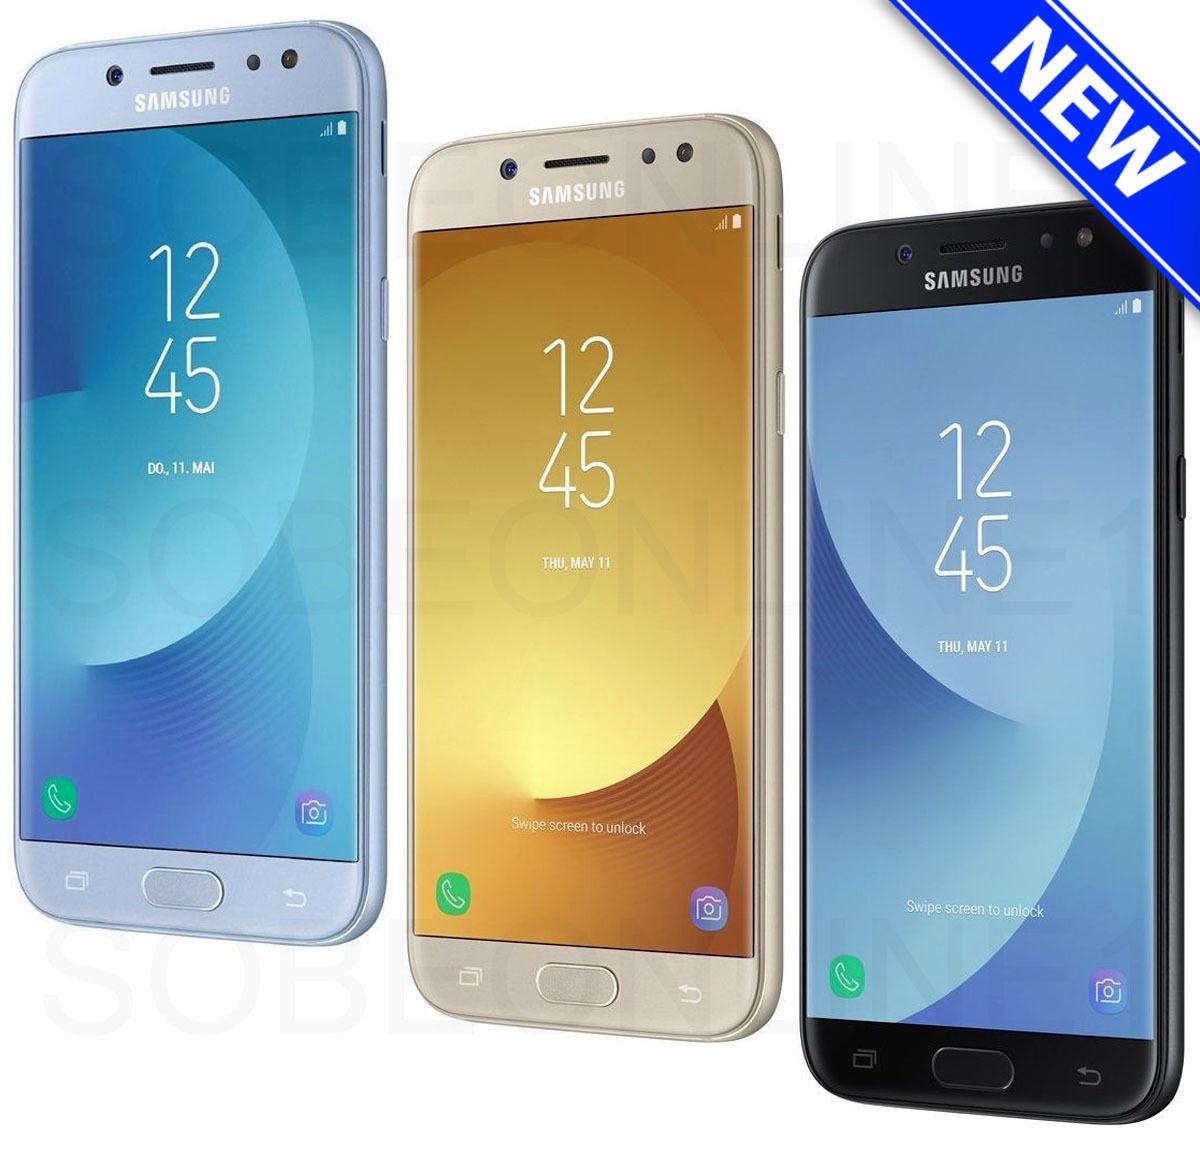 9885b602389 Detalles de Samsung Galaxy J5 Pro 2017 (16 GB) J530G/DS 4G LTE Dual Sim GSM  Desbloqueado de fábrica- ver título original